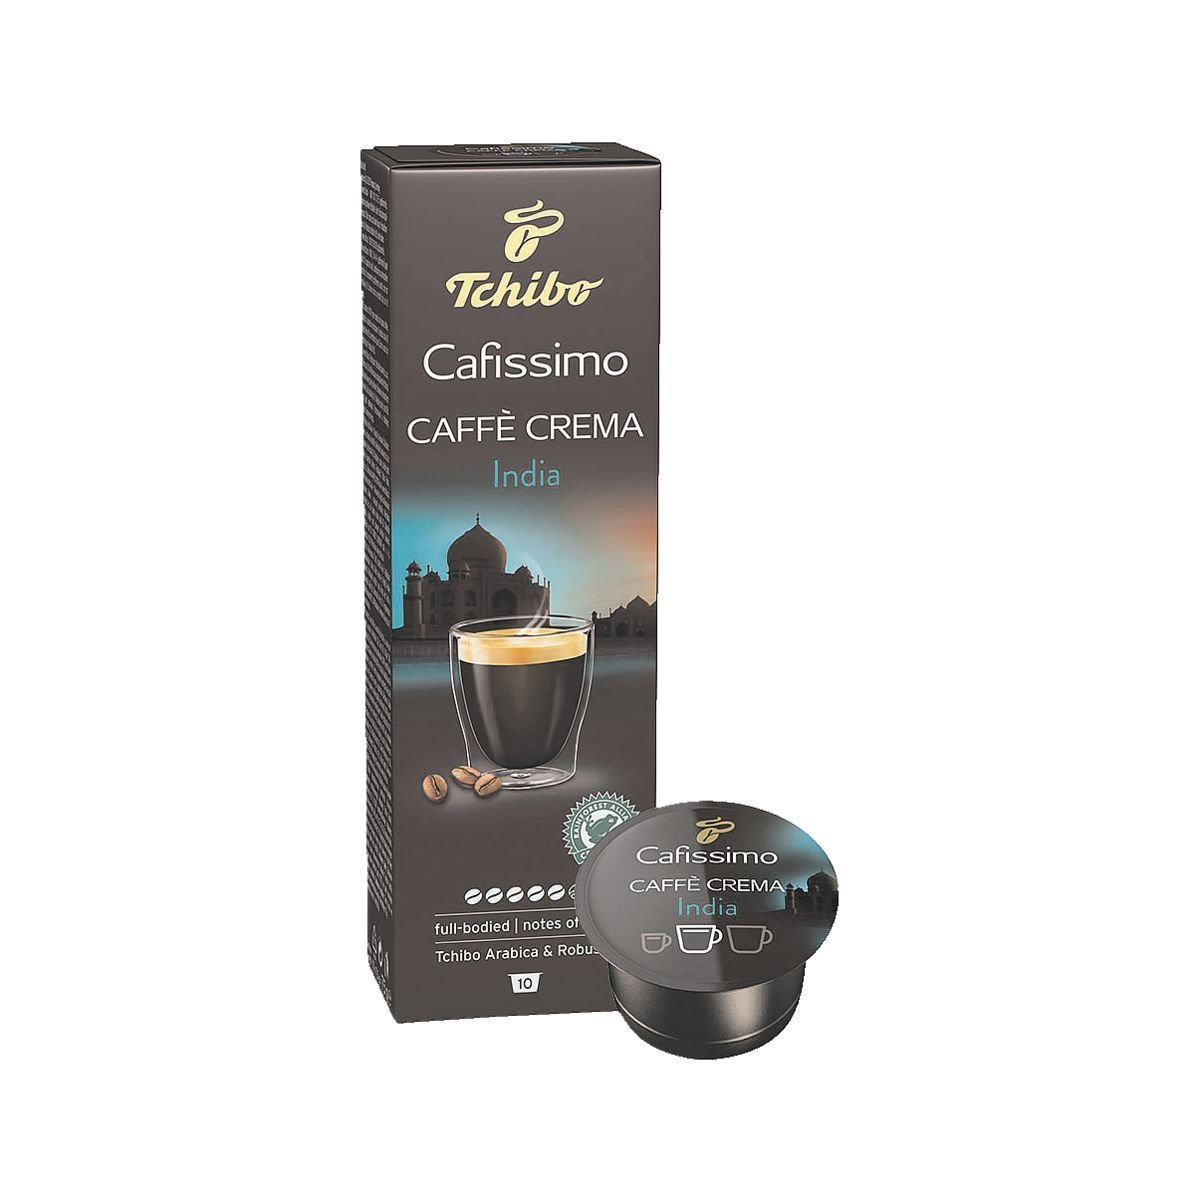 09af76227ab49d Kaffee Lavazza Kapseln Preisvergleich • Die besten Angebote online ...